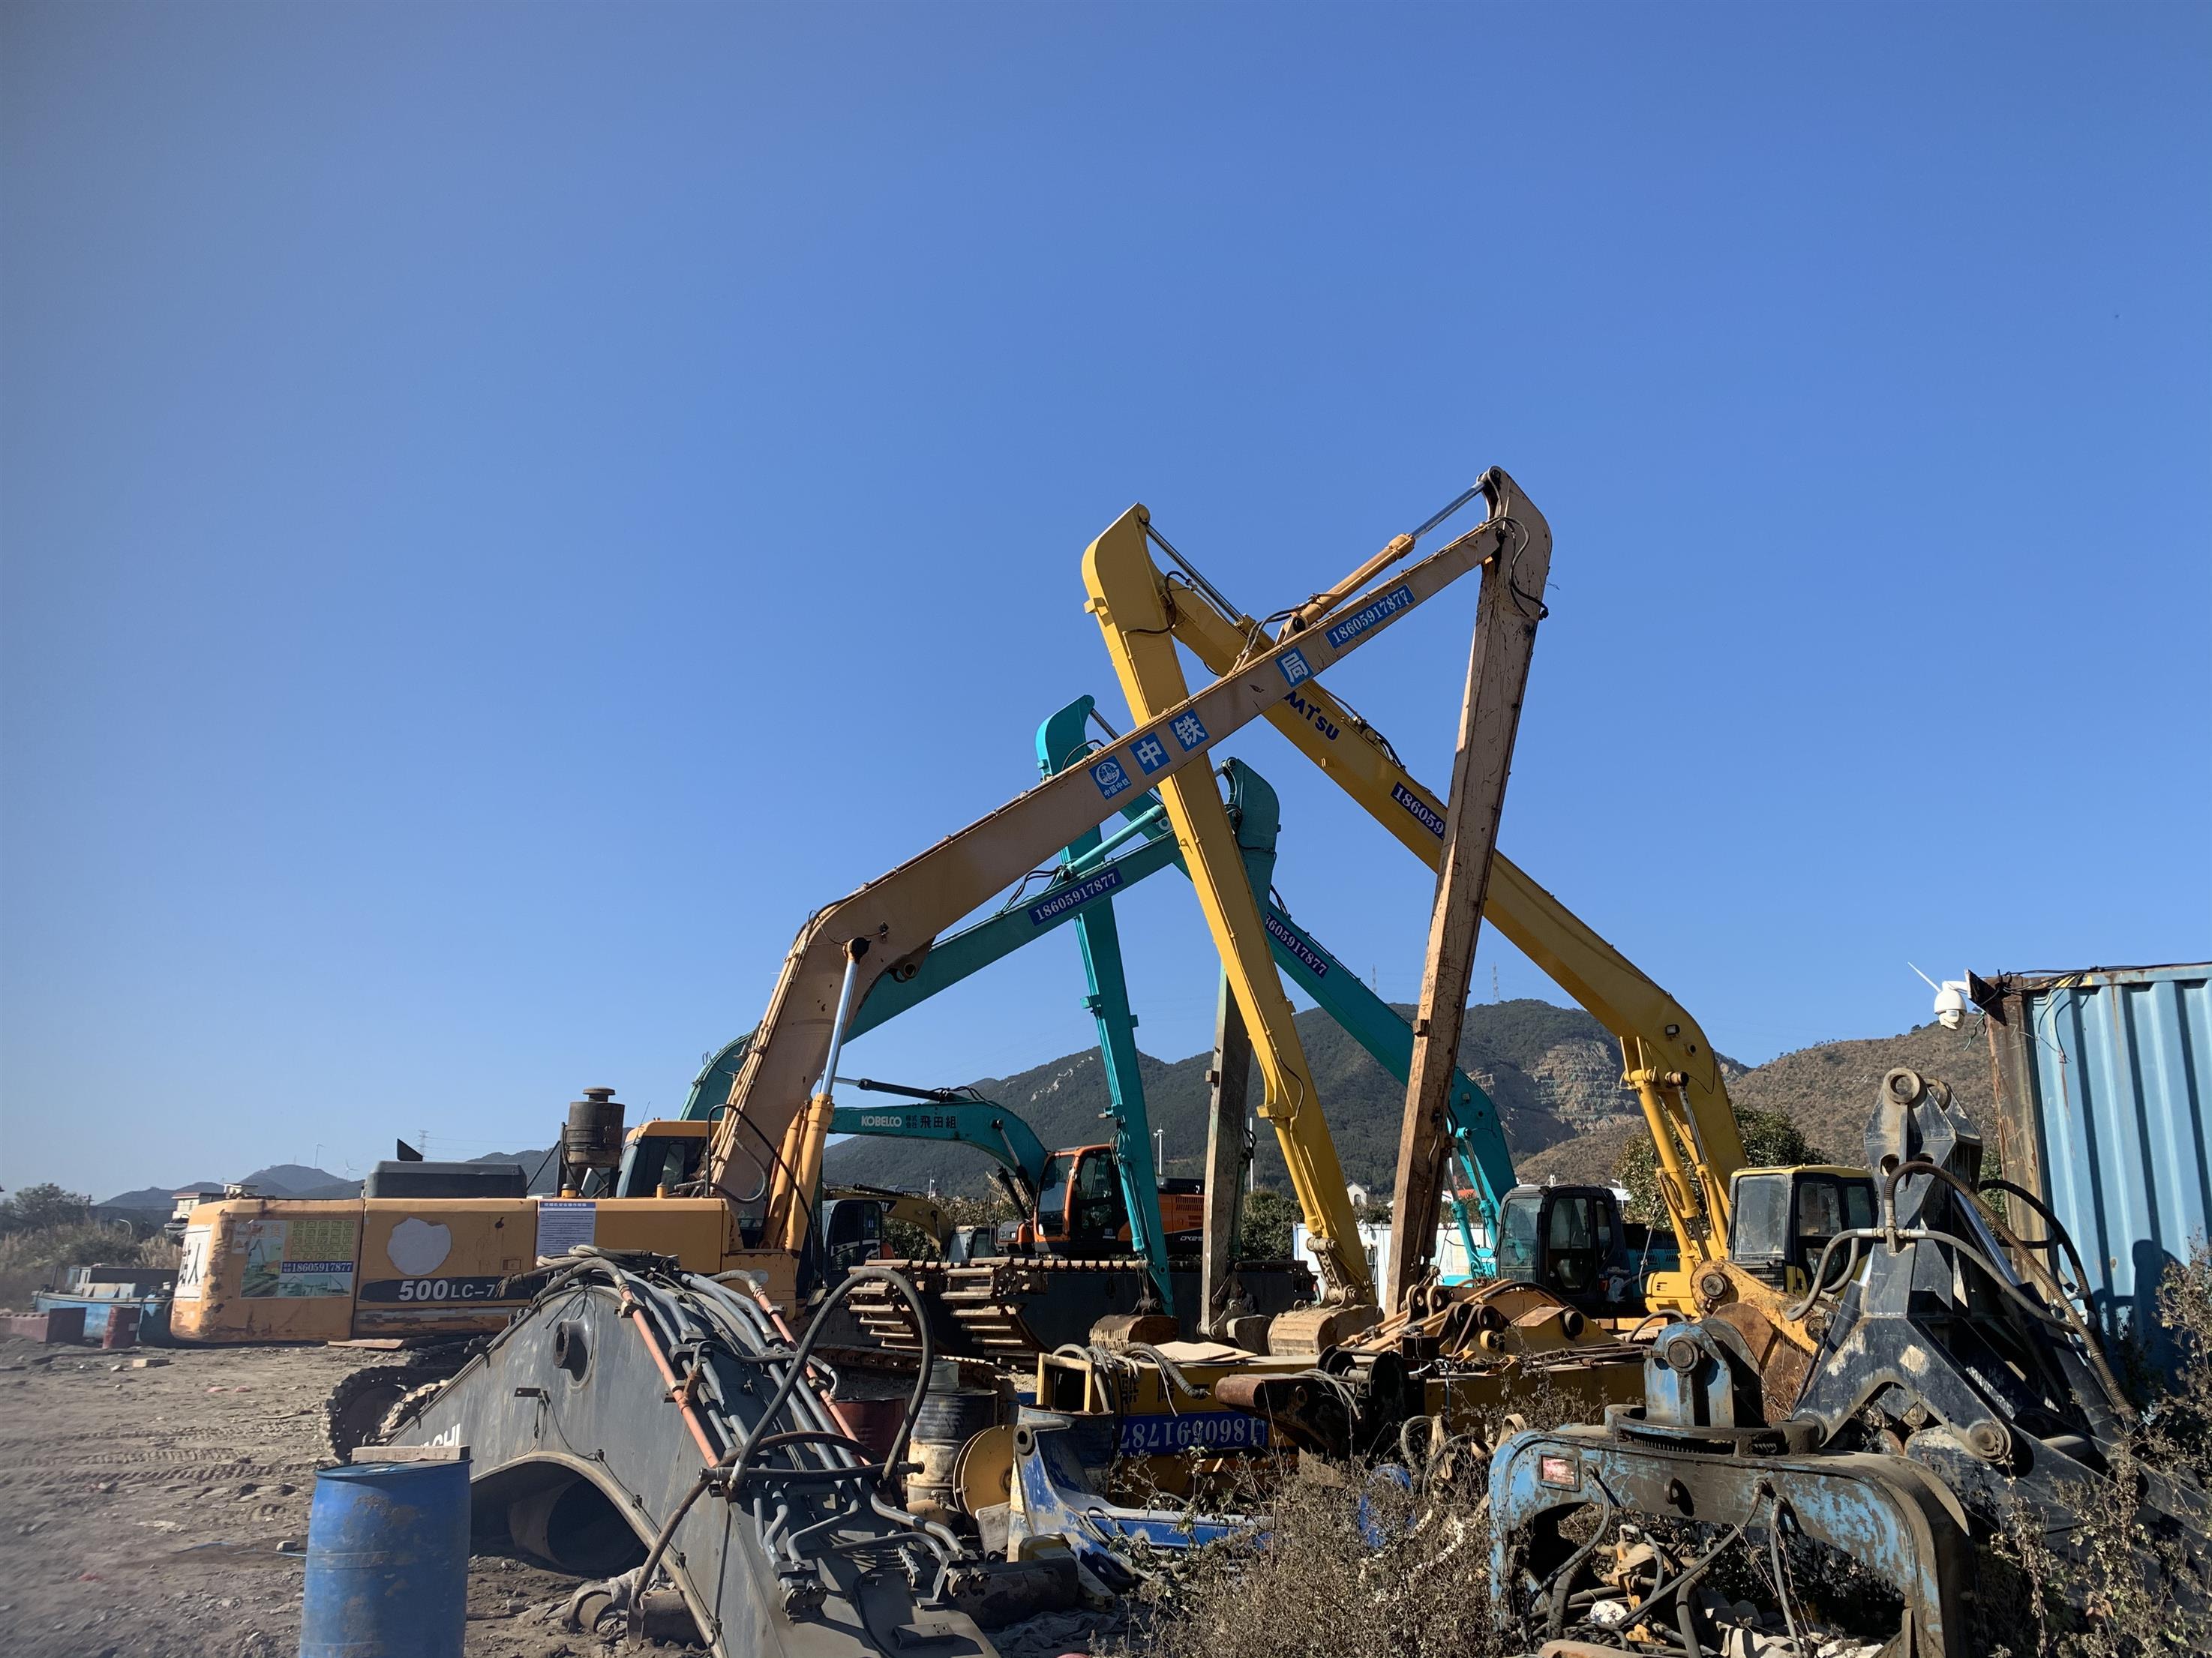 泉州30米伸缩臂挖掘机出租价格